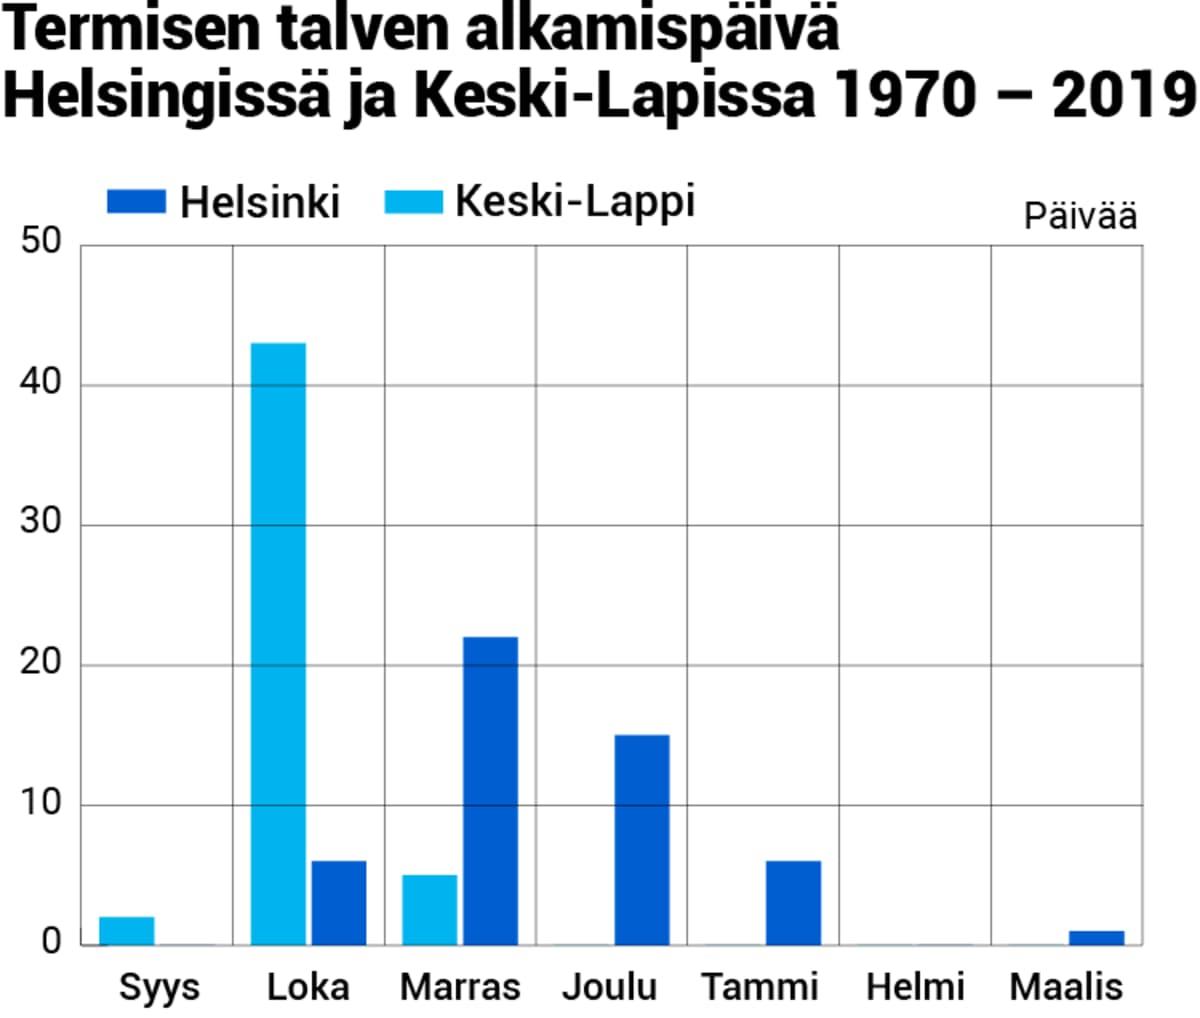 Termisen talven alku Keski-Lapissa ja Helsingissä, talvesta 1969-1970 talveen 2018-2019. Termisen vuodenajan määrittelyyn on käytetty Ilmatieteen laitoksen analysoitua säähavaintodataa.